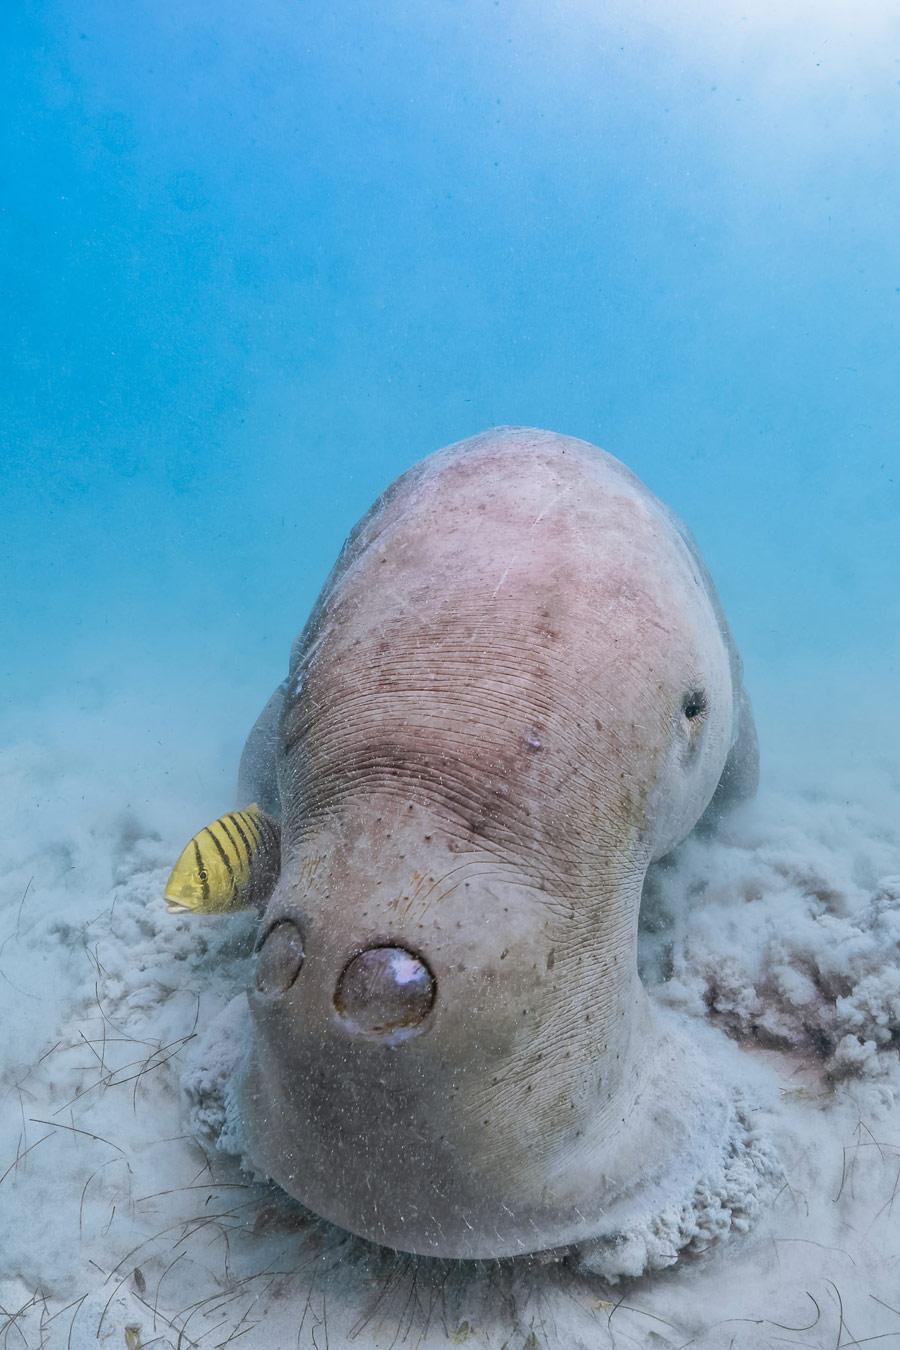 Кормёжка дюгоня на морской траве. Корон, Филиппины, © Джим Чен, Таоюань, Тайвань, Высокая оценка в категории «Океан», Фотоконкурс «Лучшая природная фотография Азии»